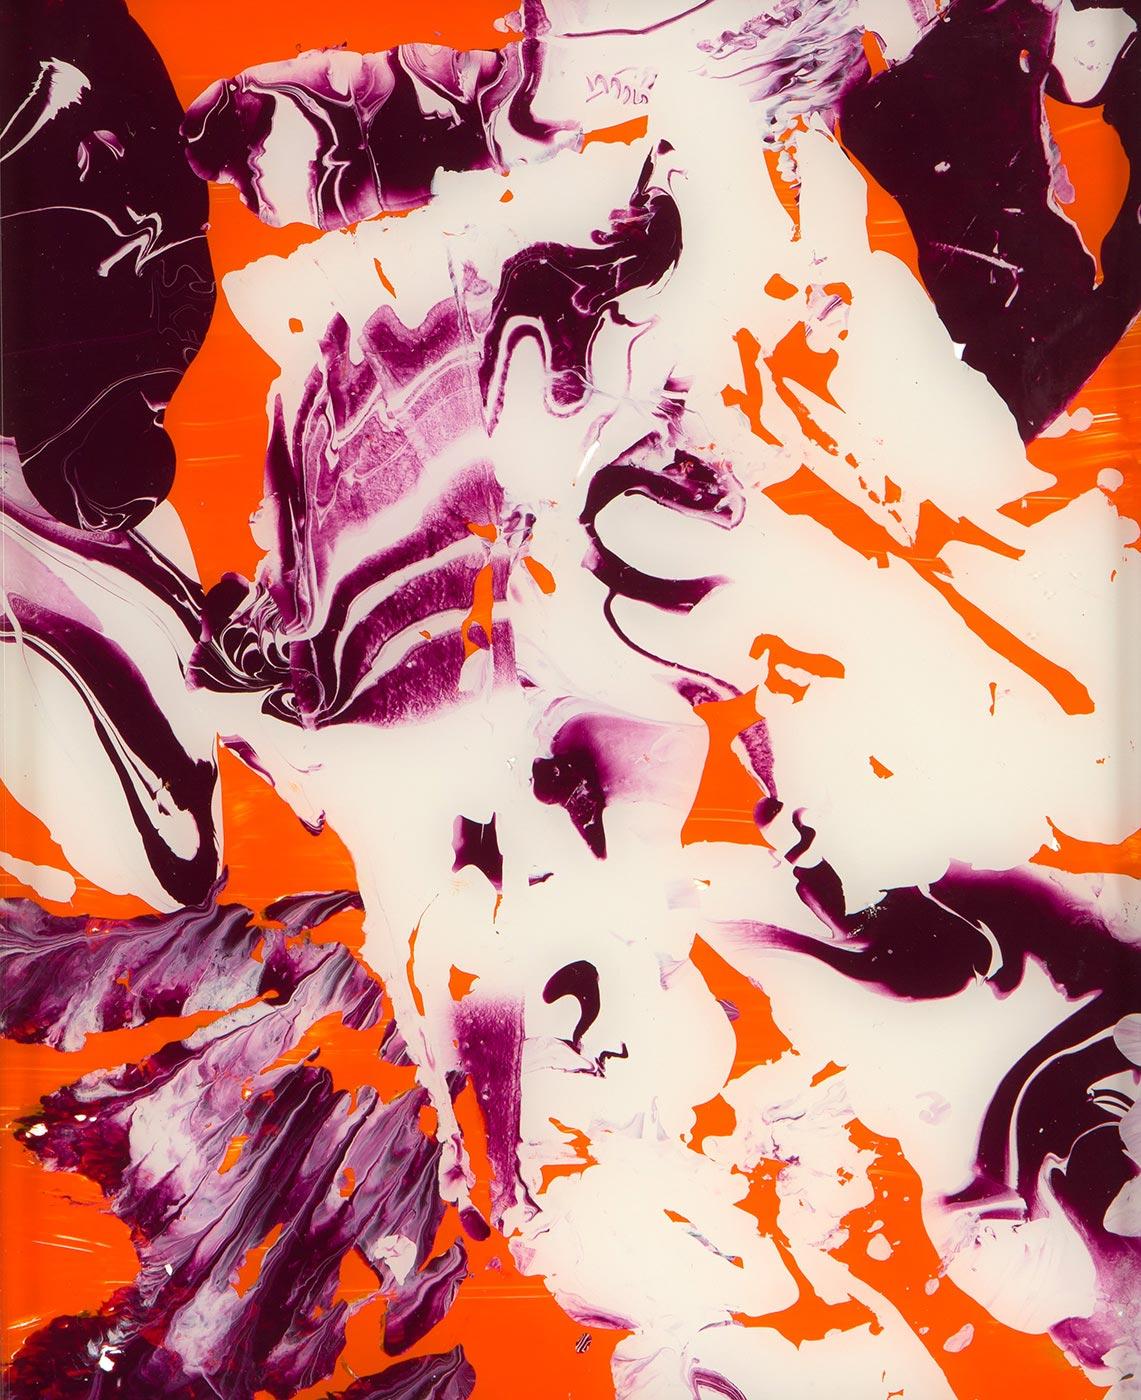 Maxwell Morris - Untitled lI